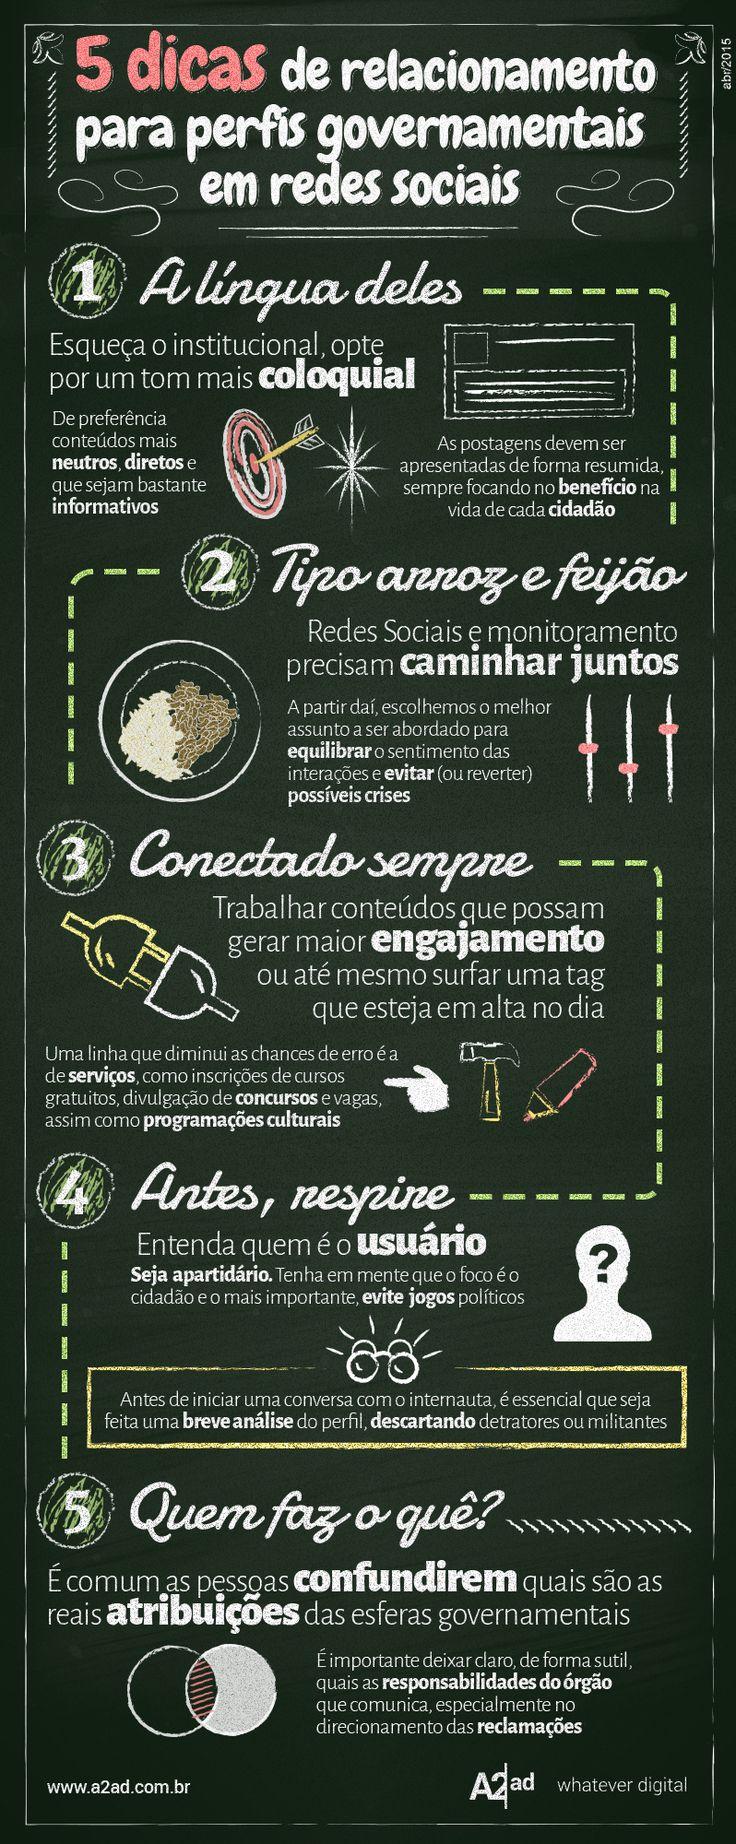 Cinco dicas de relacionamento para perfis governamentais em redes sociais.